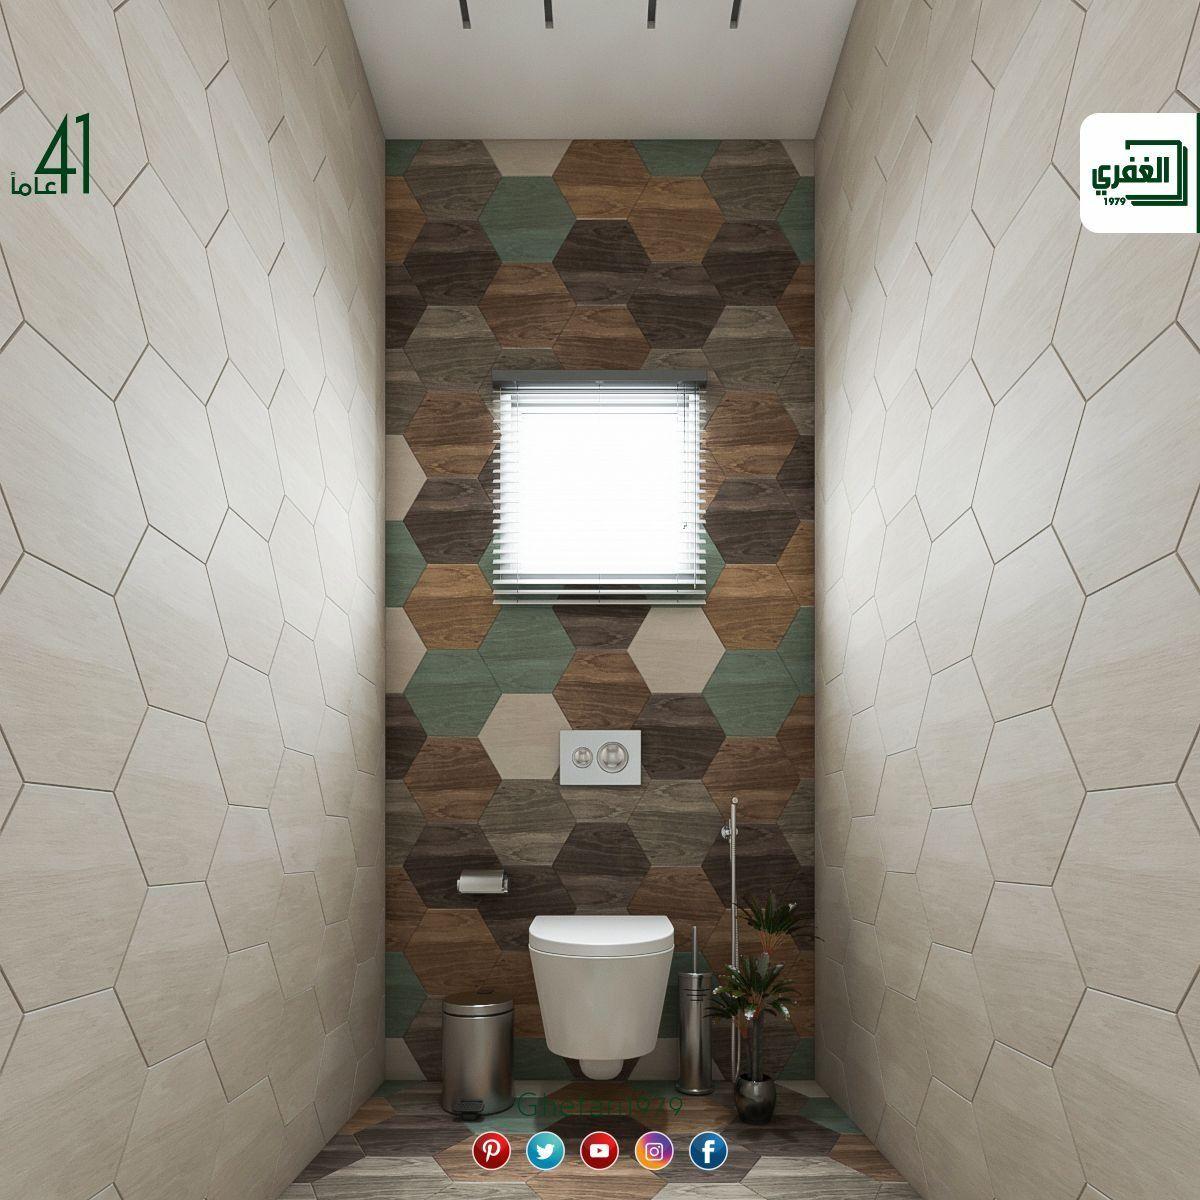 بورسلان أسباني ديكور سداسي للاستخدام داخل الحمامات المطابخ اماكن اخرى للمزيد زورونا على موقع الشركة Https Www Ghefari Com Instagram Posts Toilet Bathroom